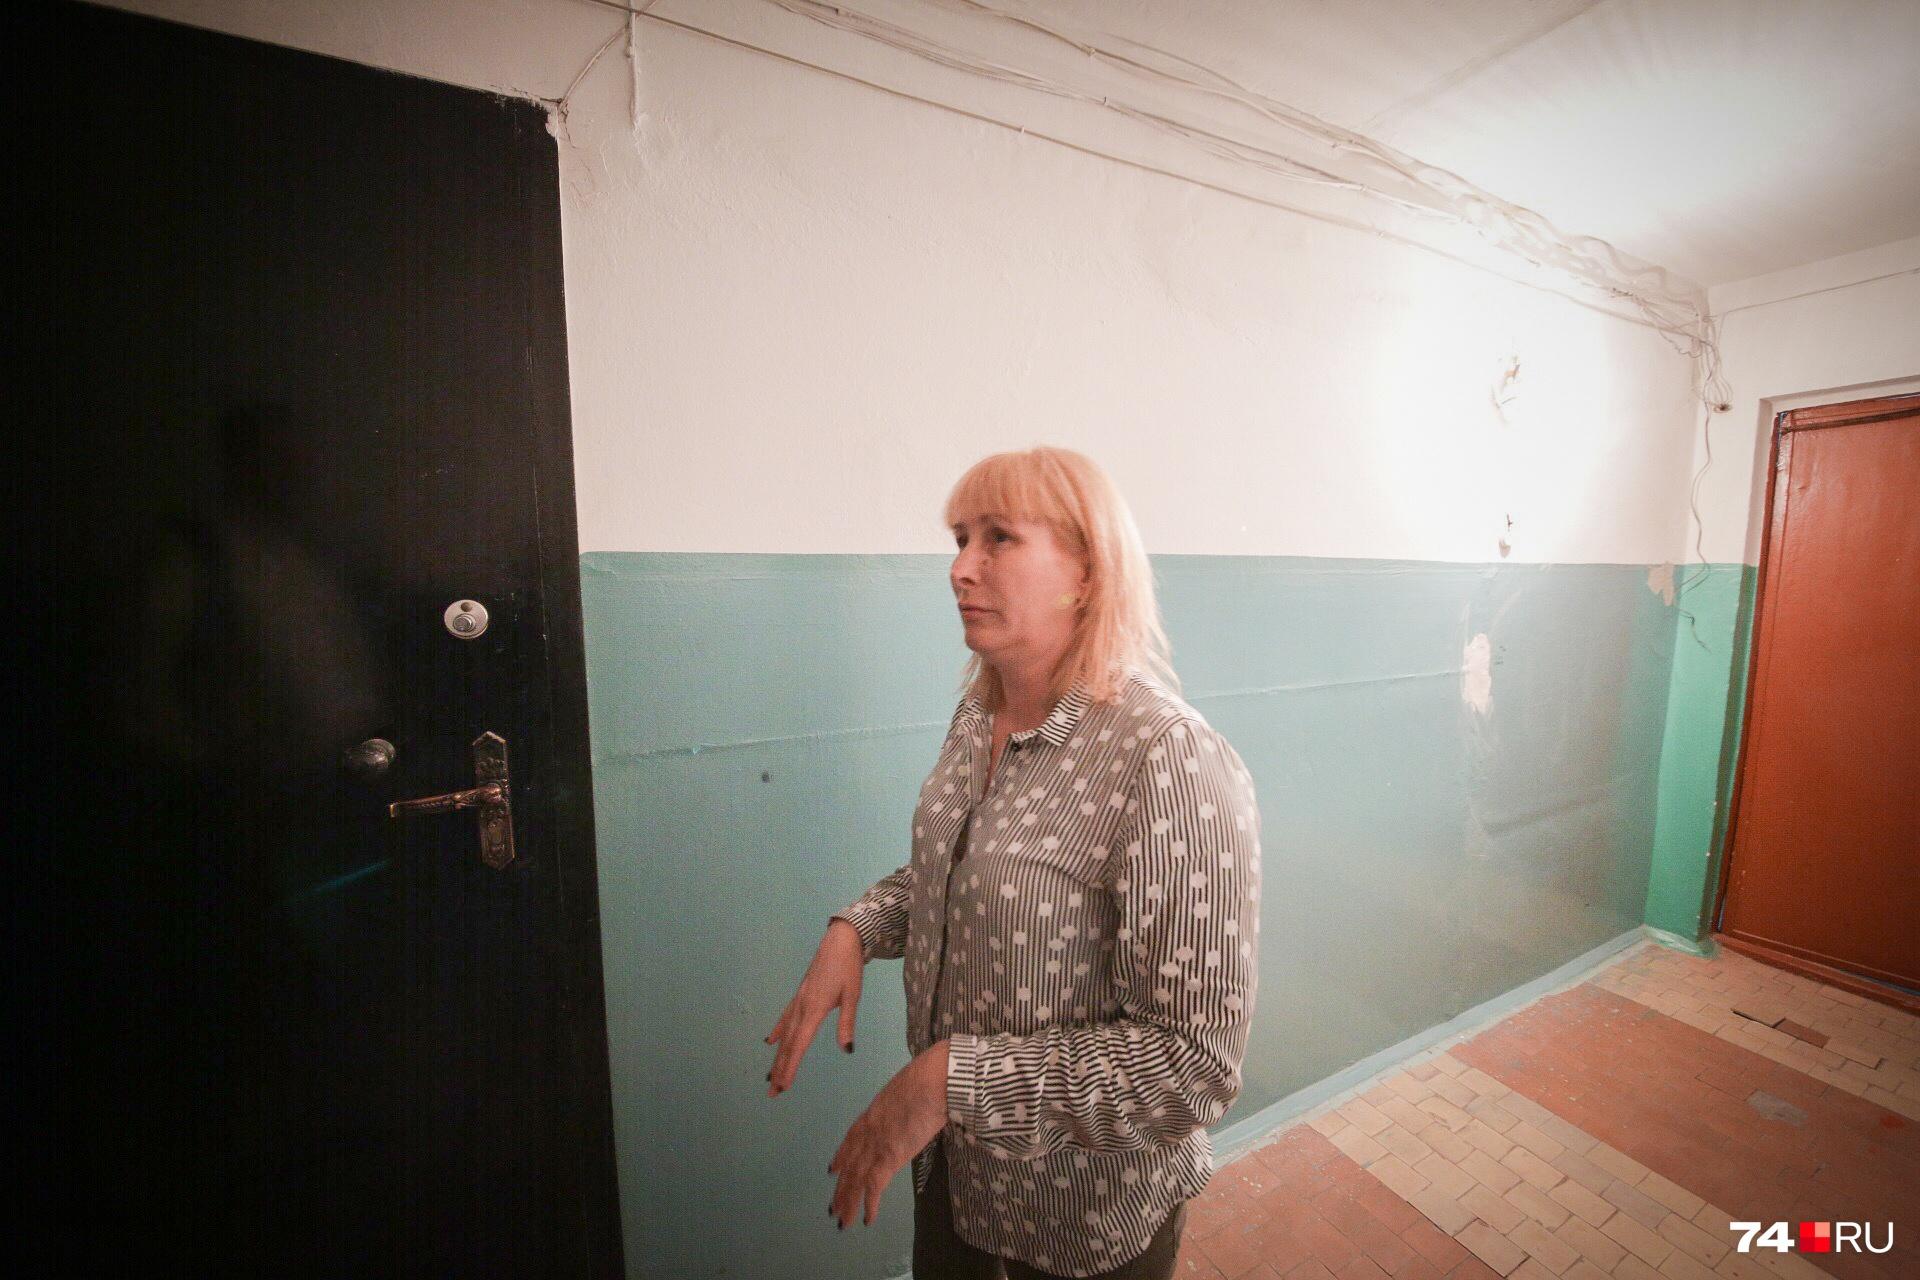 Хозяйка муниципальной квартиры рассказала, что не подгадывала с акцией к визиту Путина